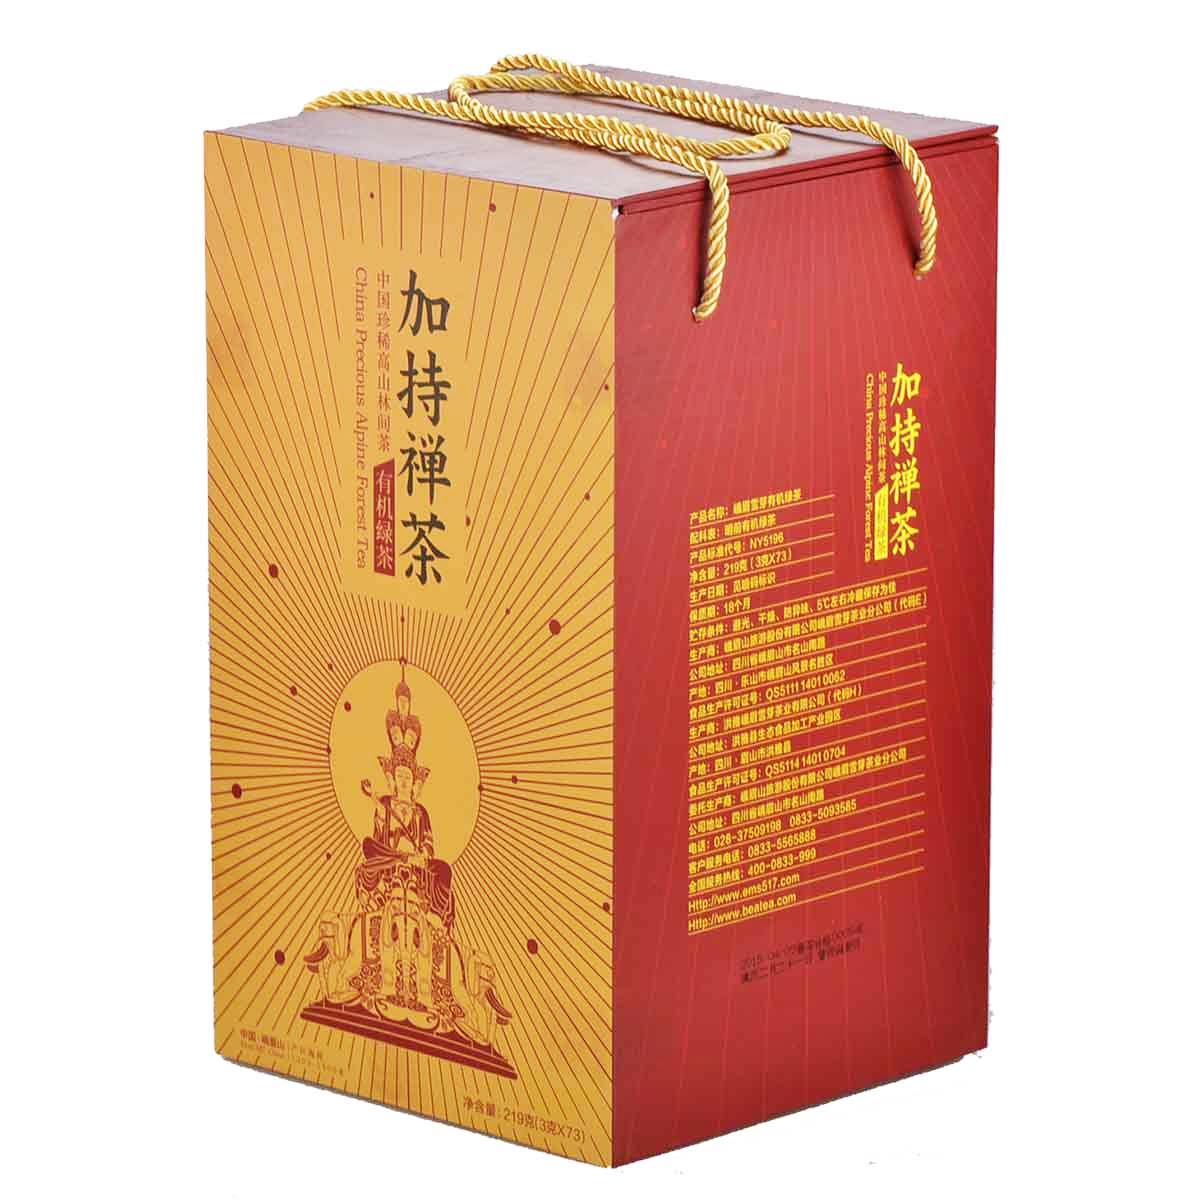 年新茶 2018 送礼佳品 礼盒 219g 绿茶 加持禅茶 峨眉雪芽